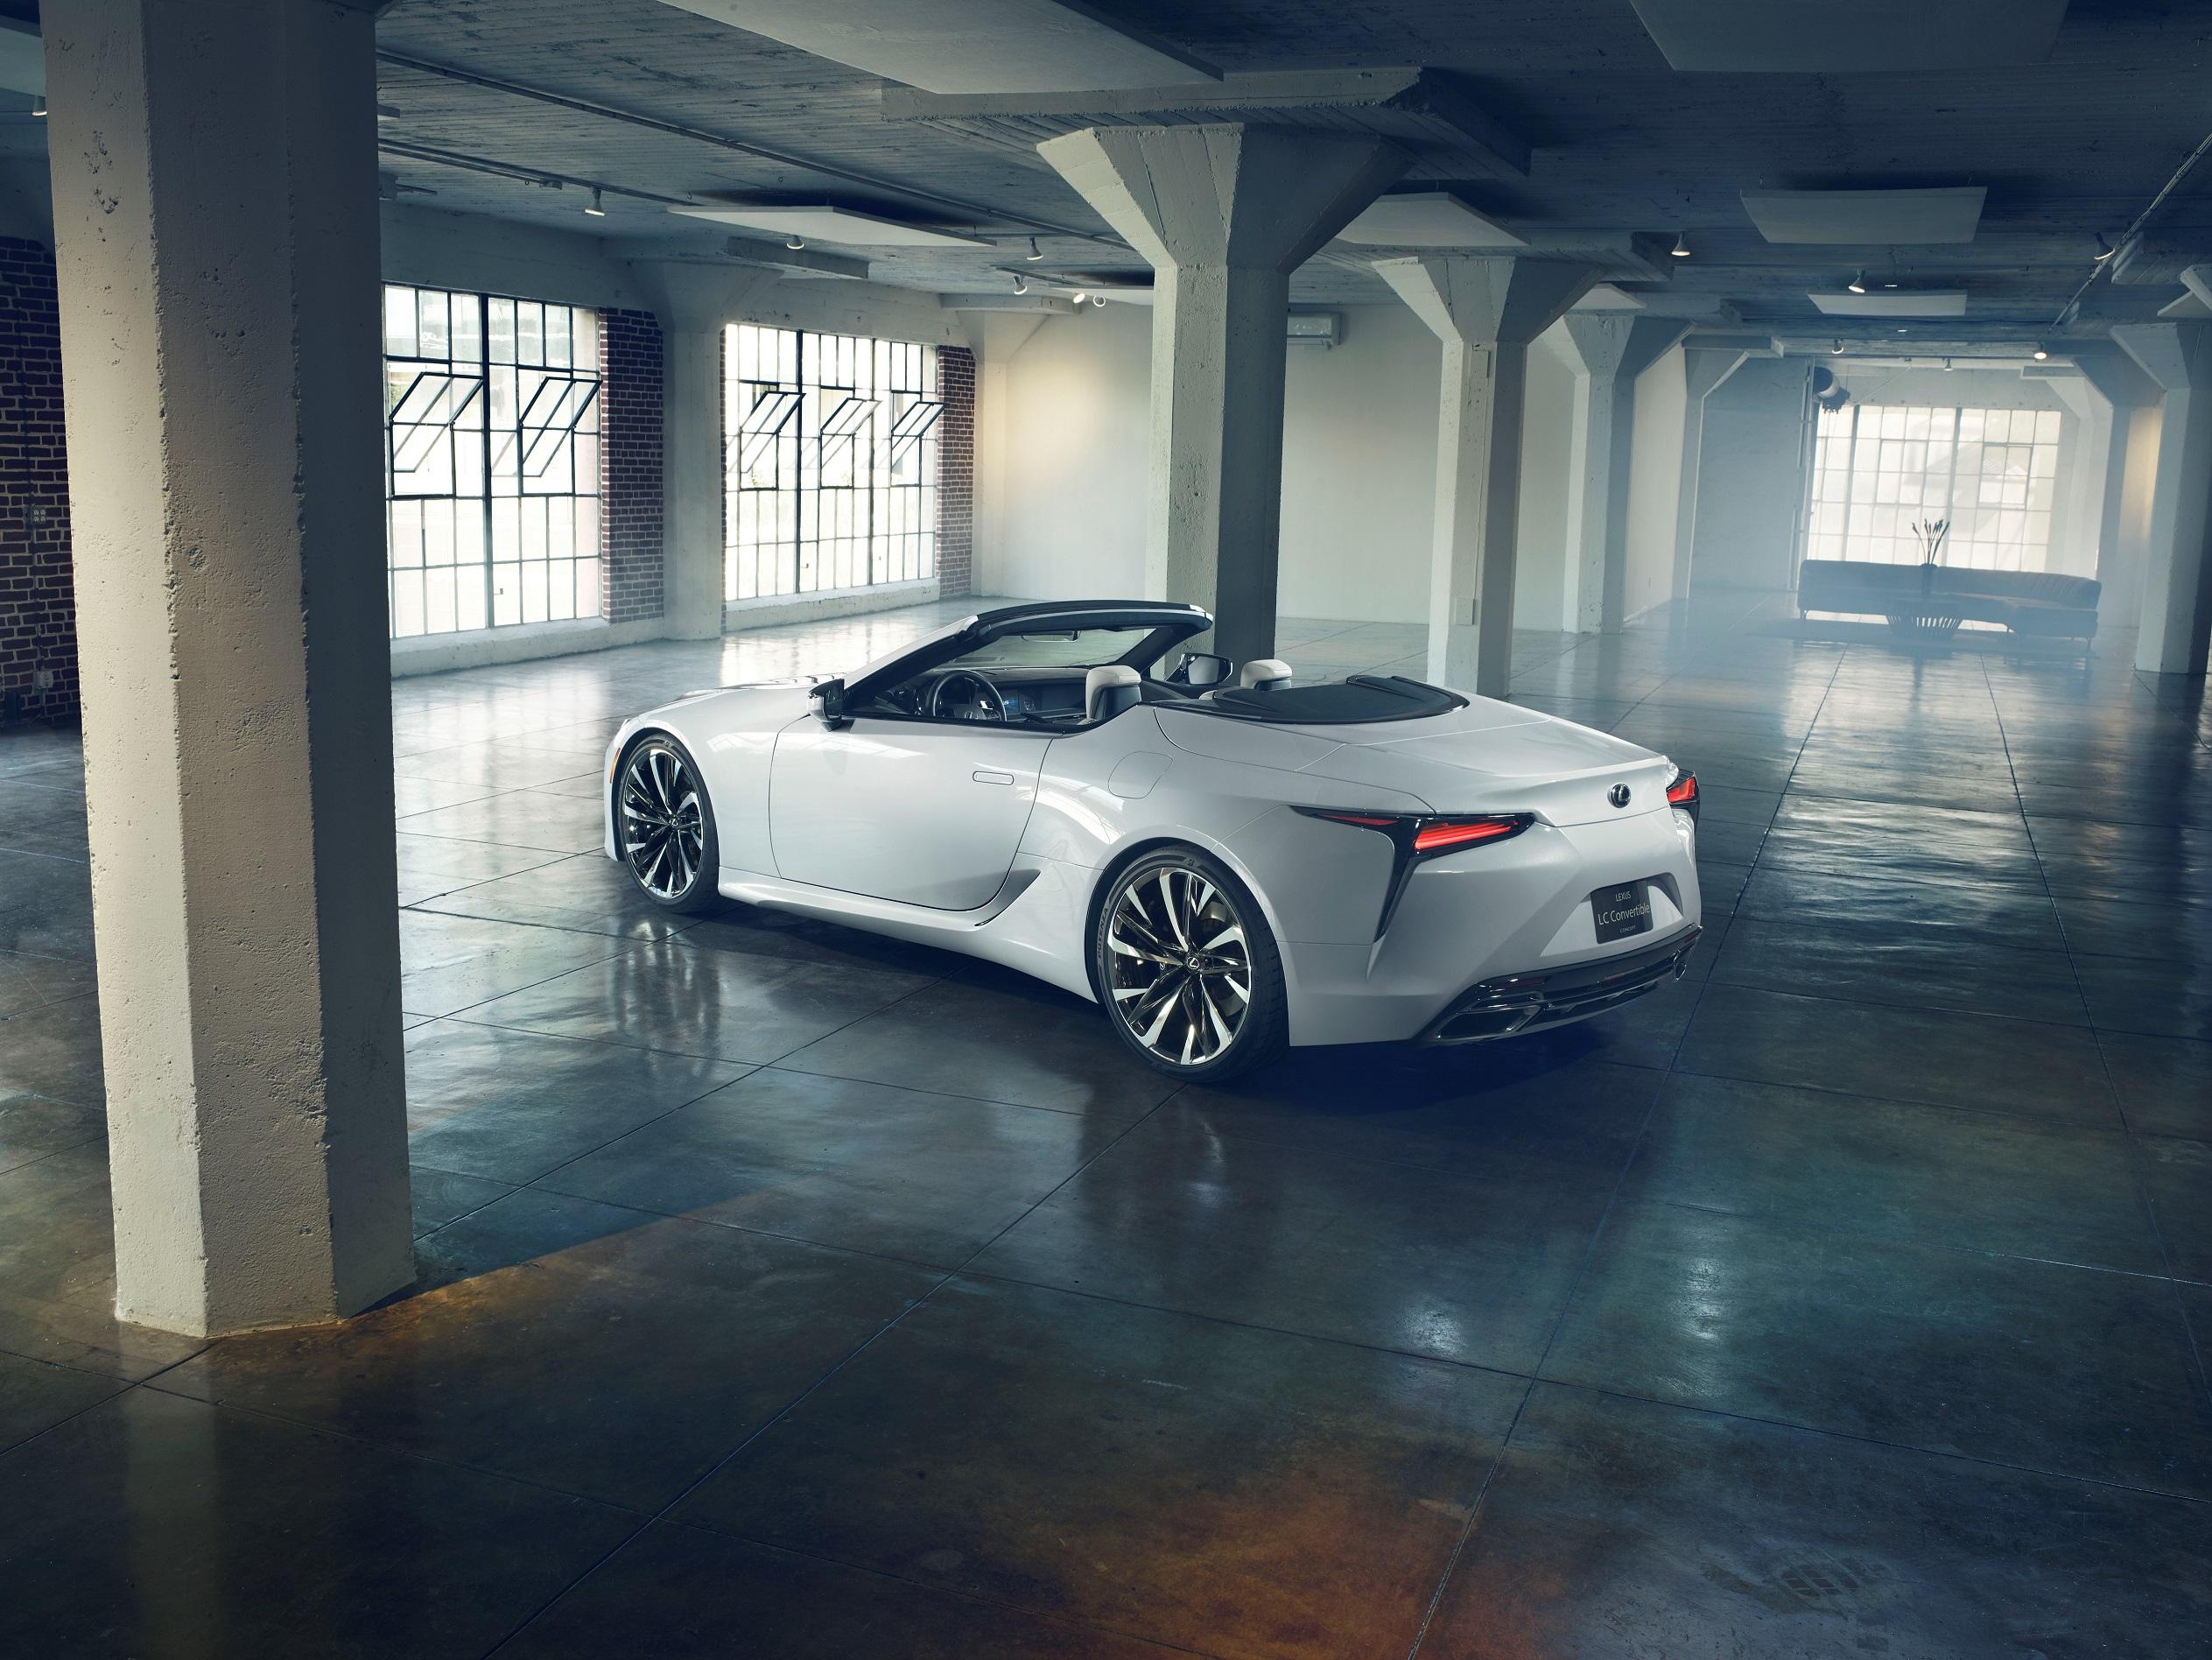 Estreia Europeia de dois novos modelos automóveis